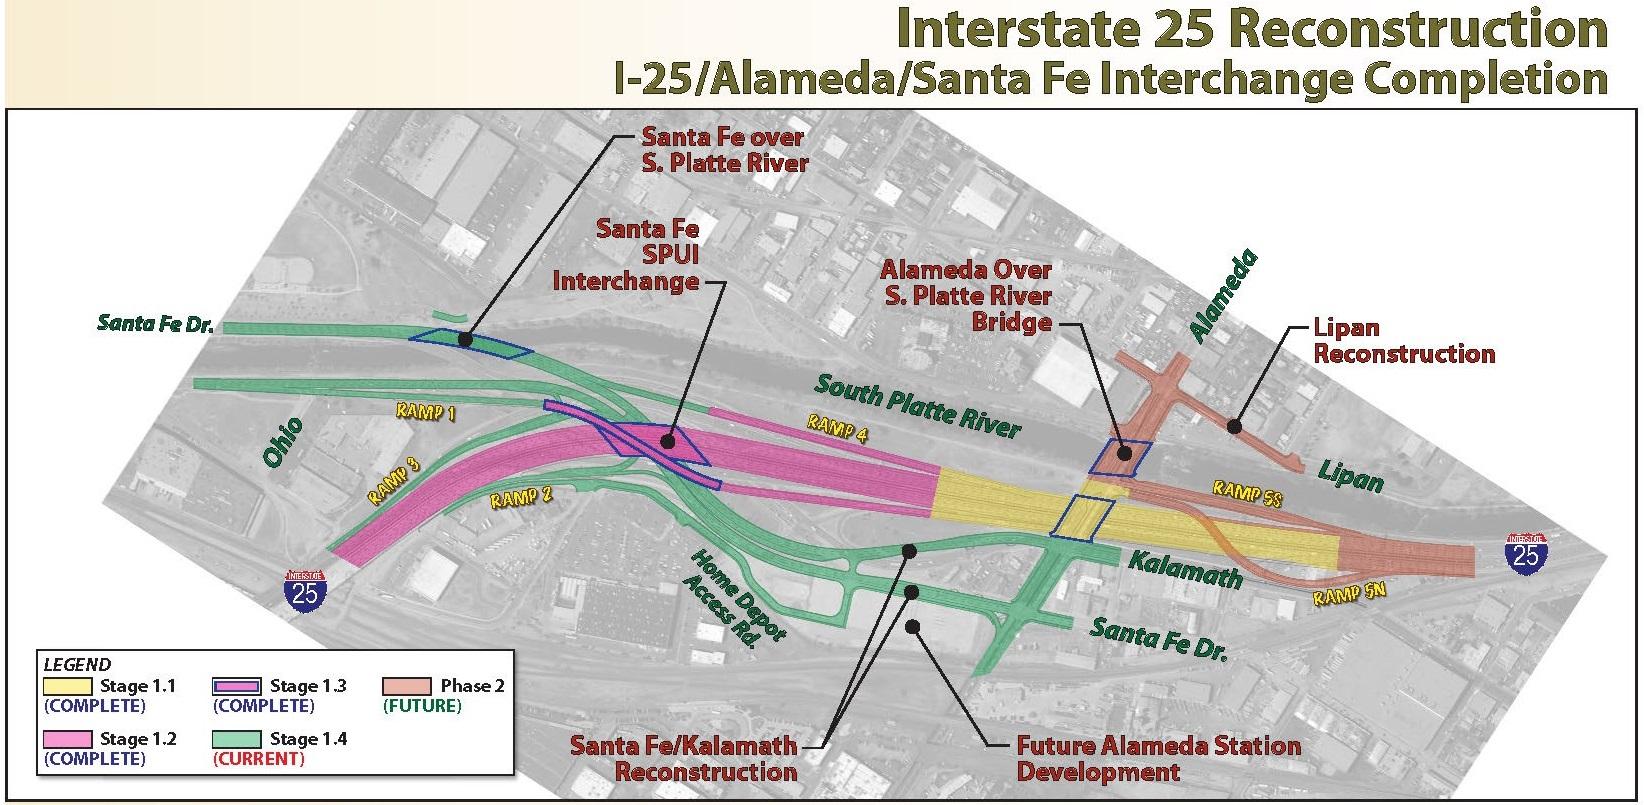 I25 Alameda/SantaFe Completion detail image